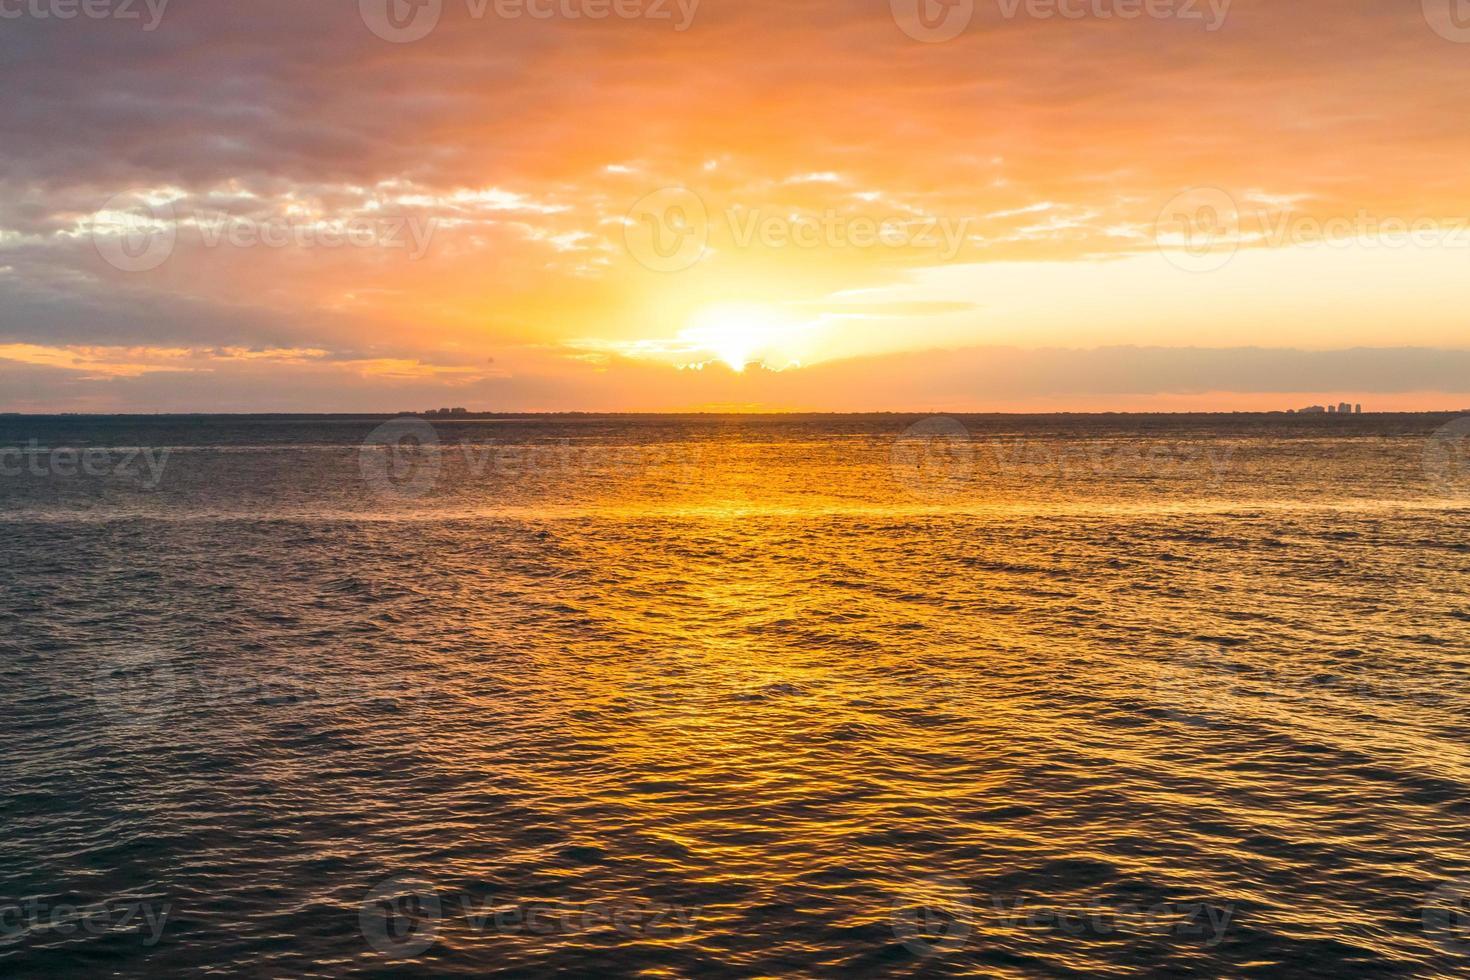 pôr do sol em miami beach foto